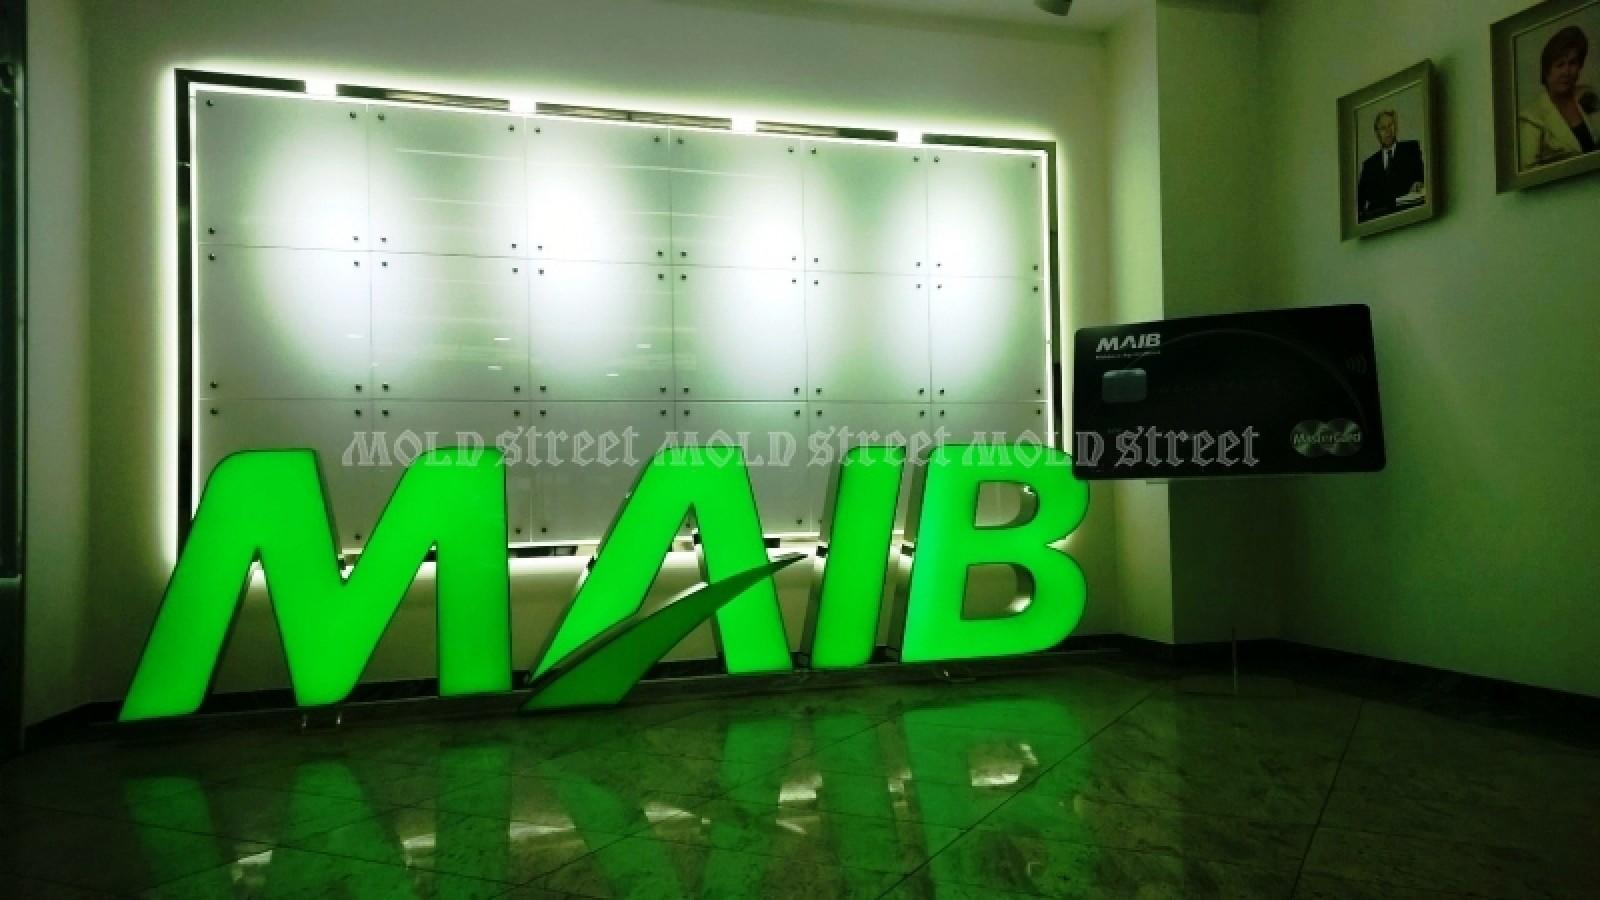 Mold-street: Cea mai mare bancă din Moldova amână plata dividendelor acţionarilor pentru anul 2017